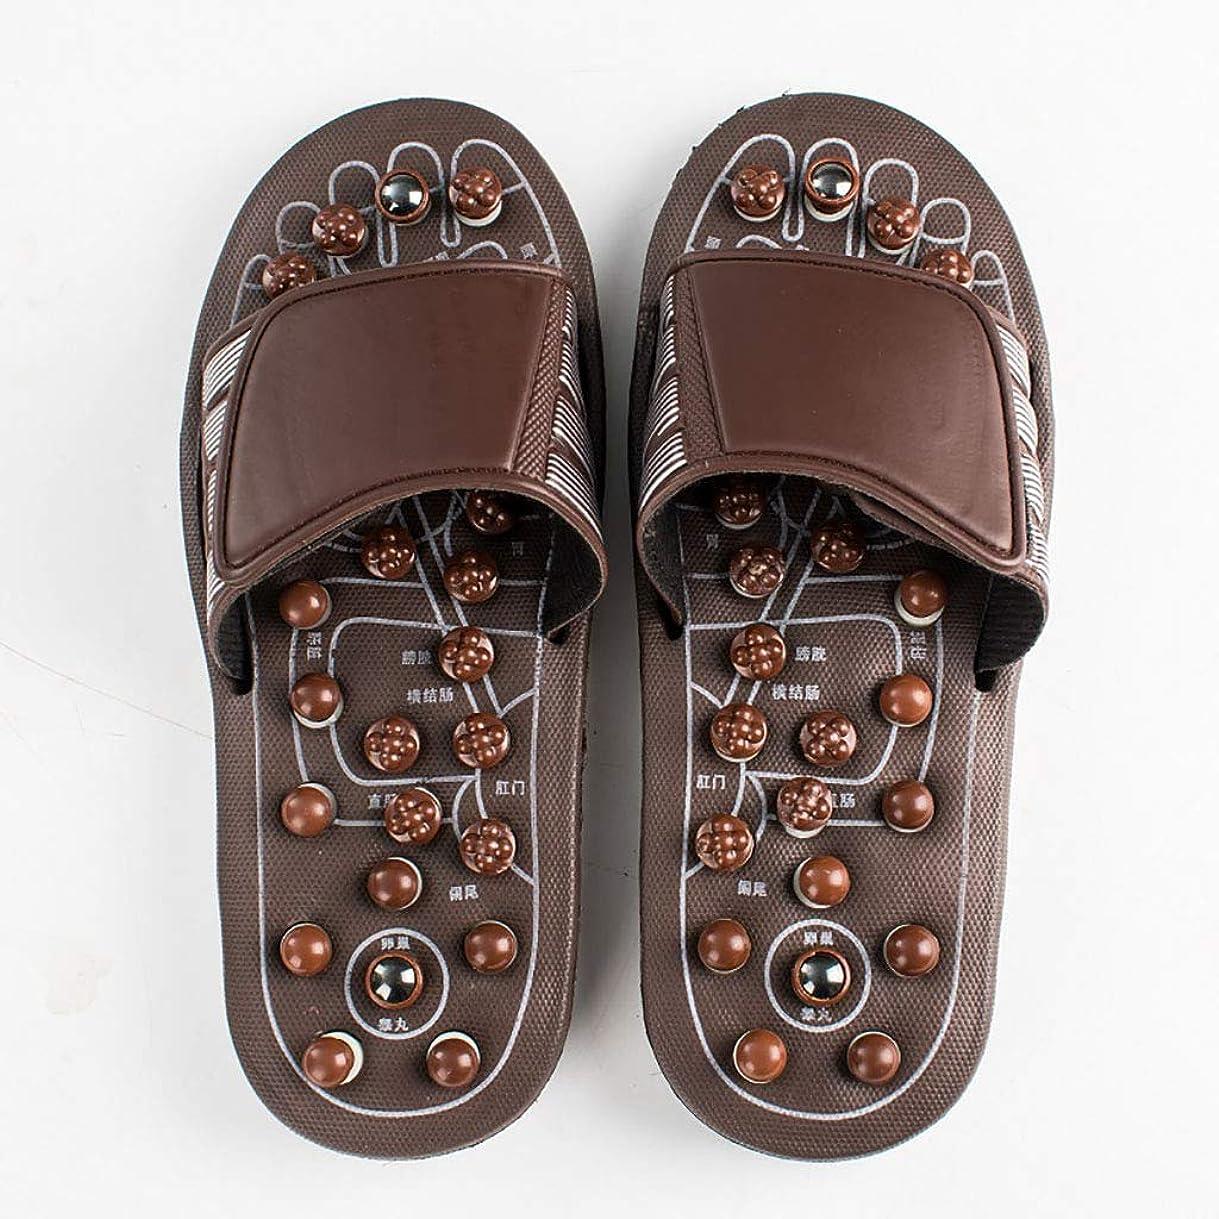 農学細胞ミンチ足のマッサージスリッパ、男性と女性のフットケアサンダル健康マッサージャーの靴ホーム屋内スリッパは、血液循環を促進する (色 : Brown, サイズ さいず : 41-41.5EU)